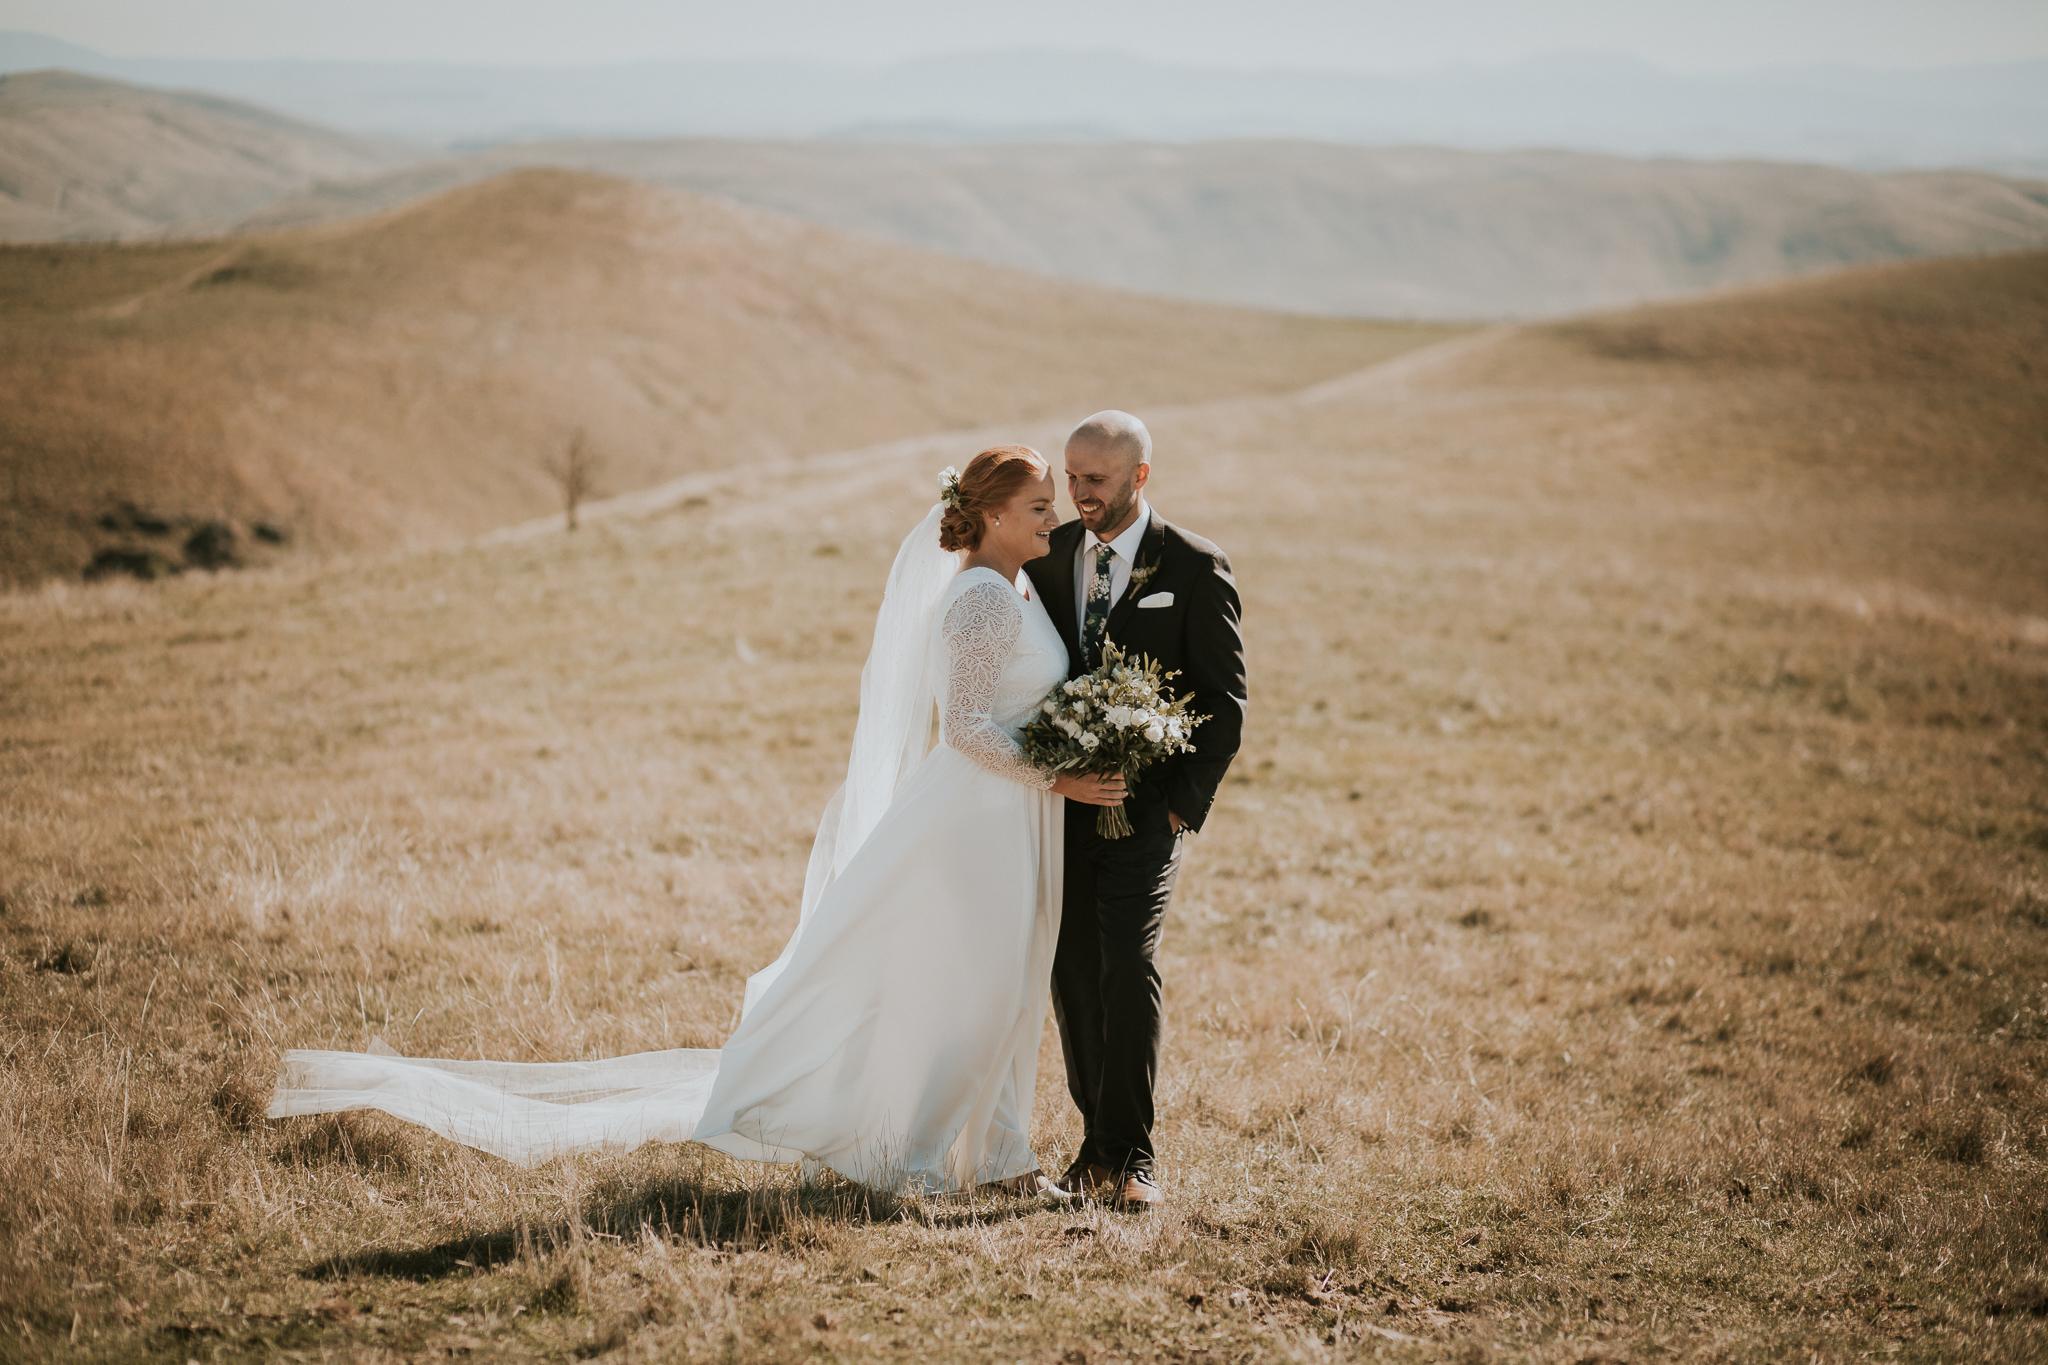 wedding photographer hawkes bay , Lisa Fisher Photography, Selini Winery Wedding -44.jpg